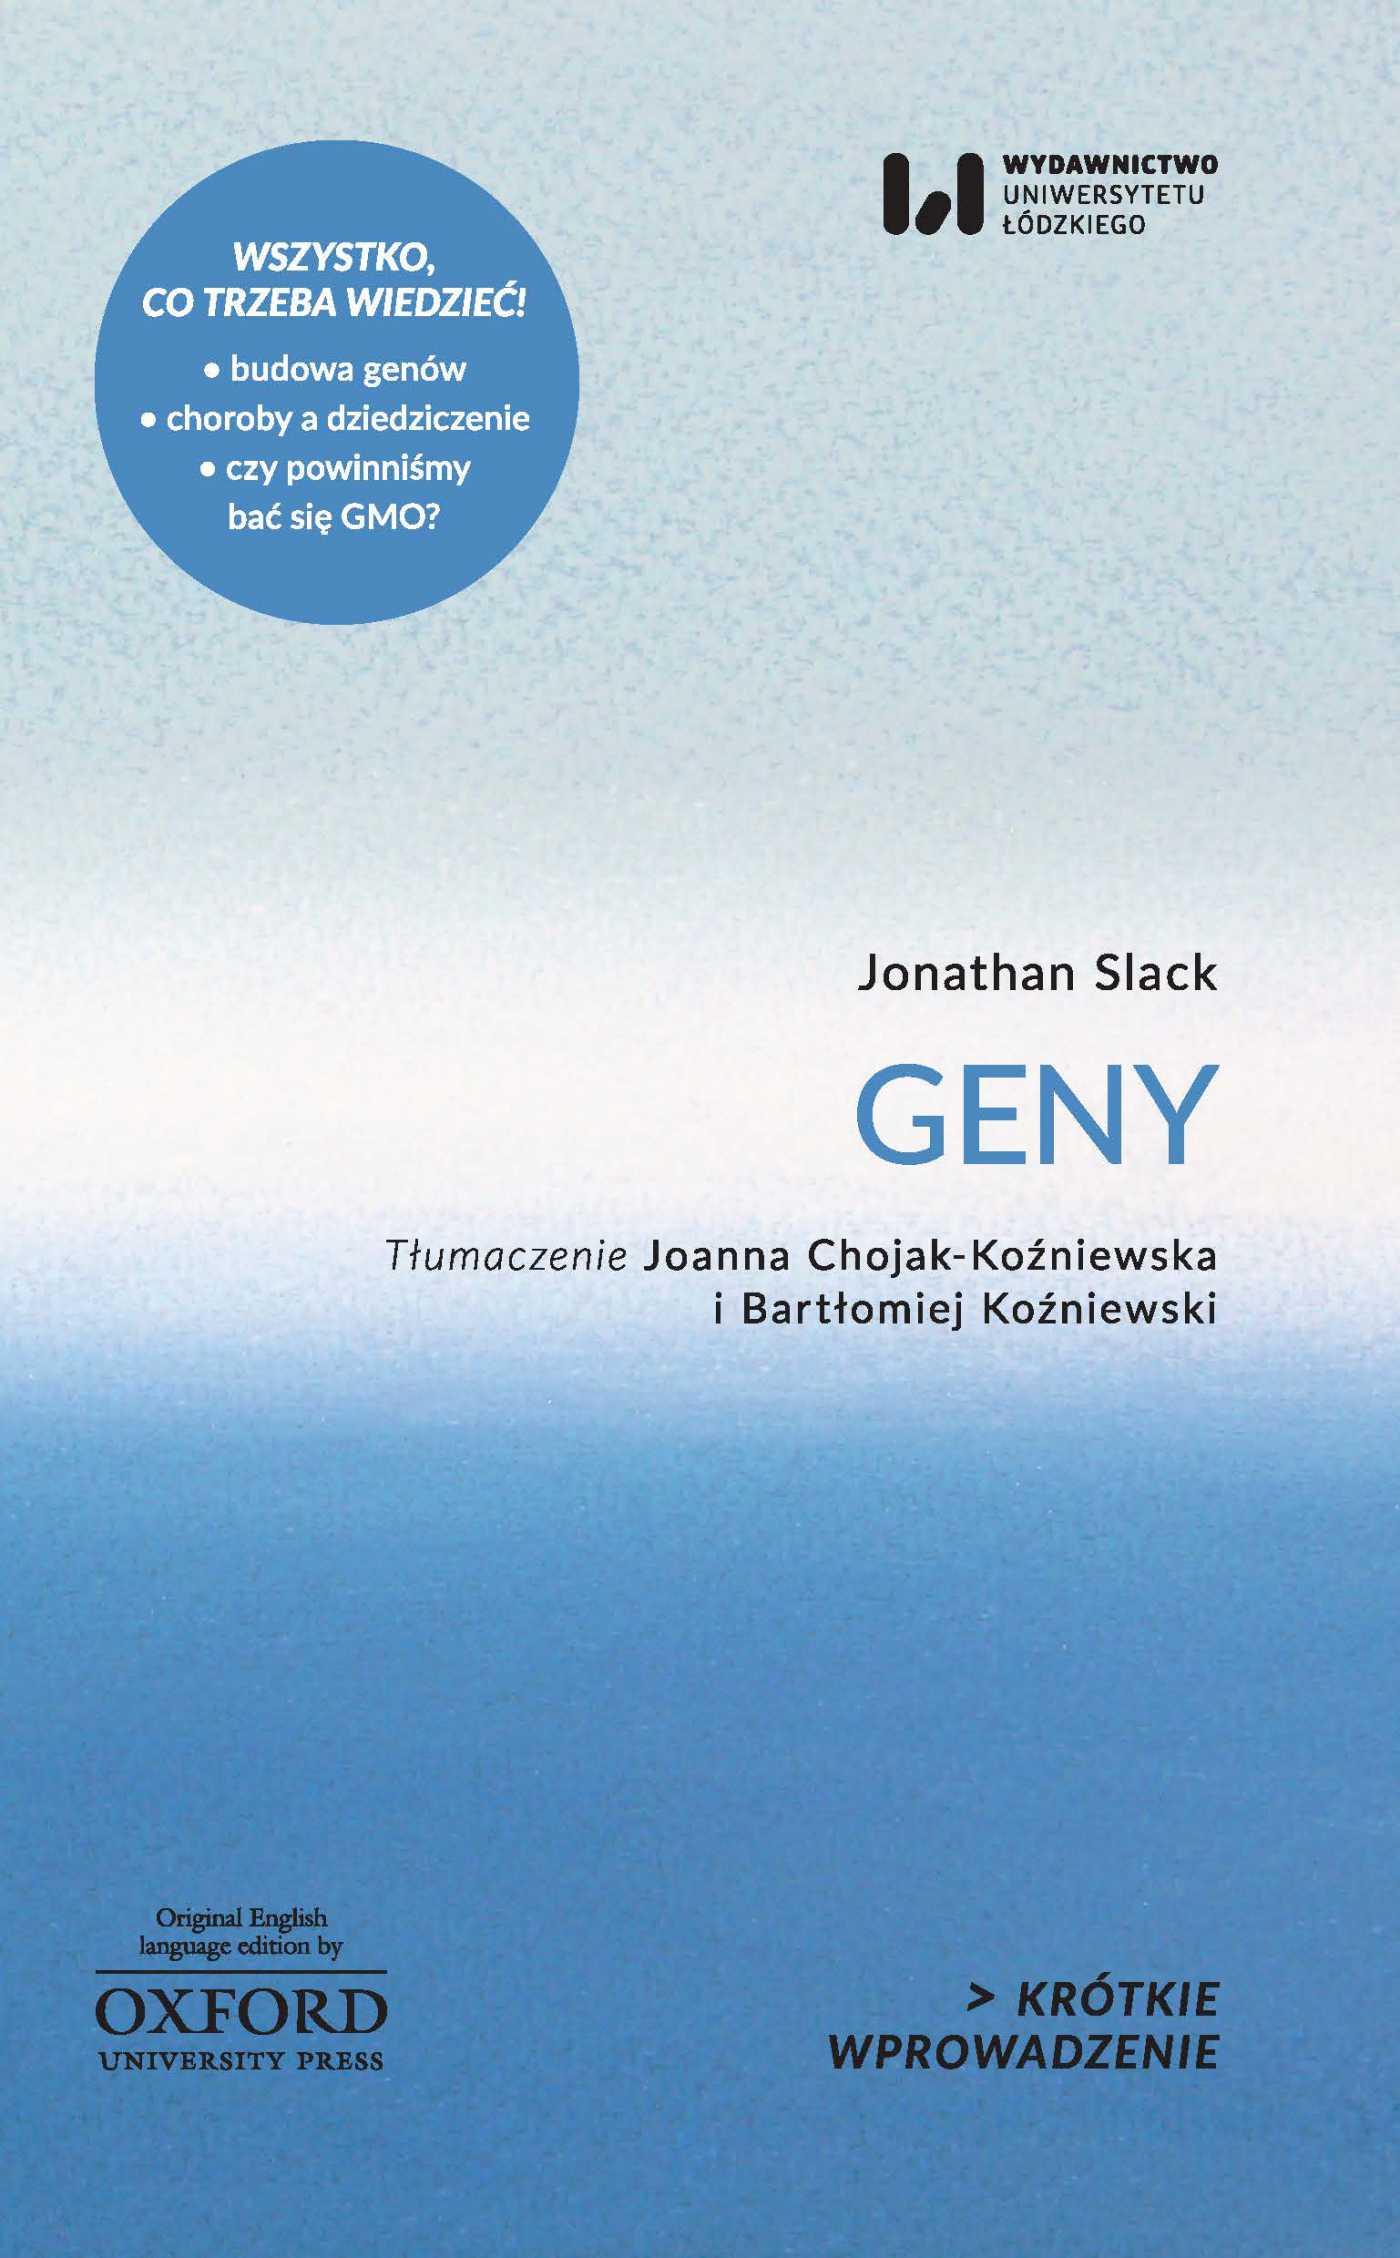 Geny. Krótkie Wprowadzenie 6 - Ebook (Książka EPUB) do pobrania w formacie EPUB